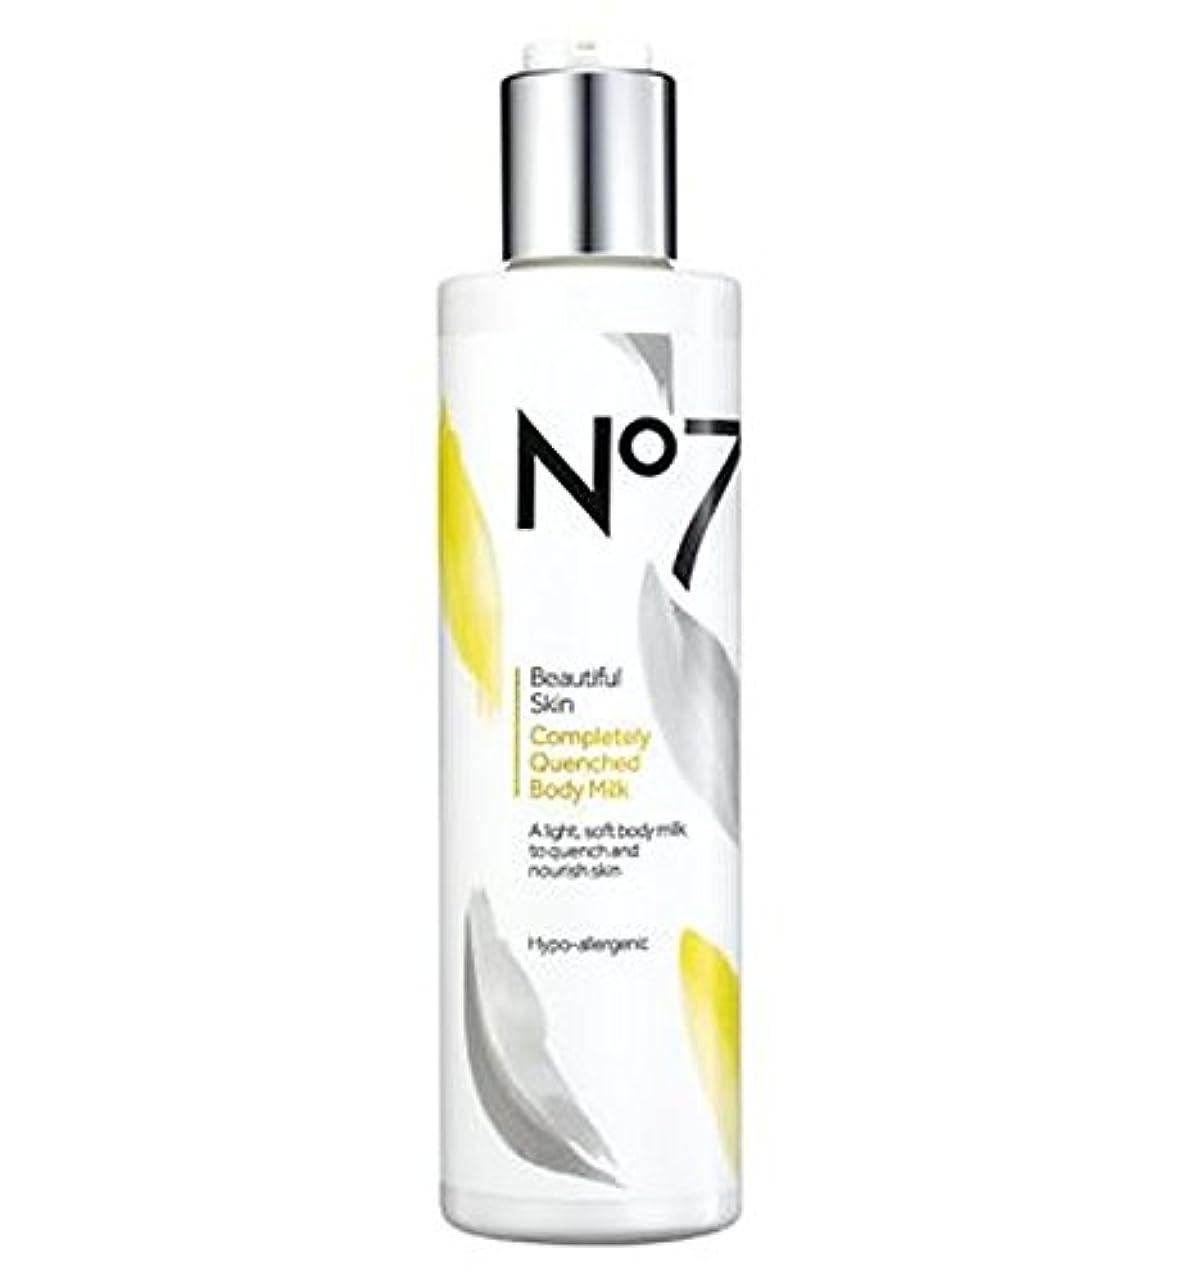 動物園天使想起No7 Beautiful Skin Completely Quenched Body Milk - No7美しい肌完全に急冷ボディミルク (No7) [並行輸入品]